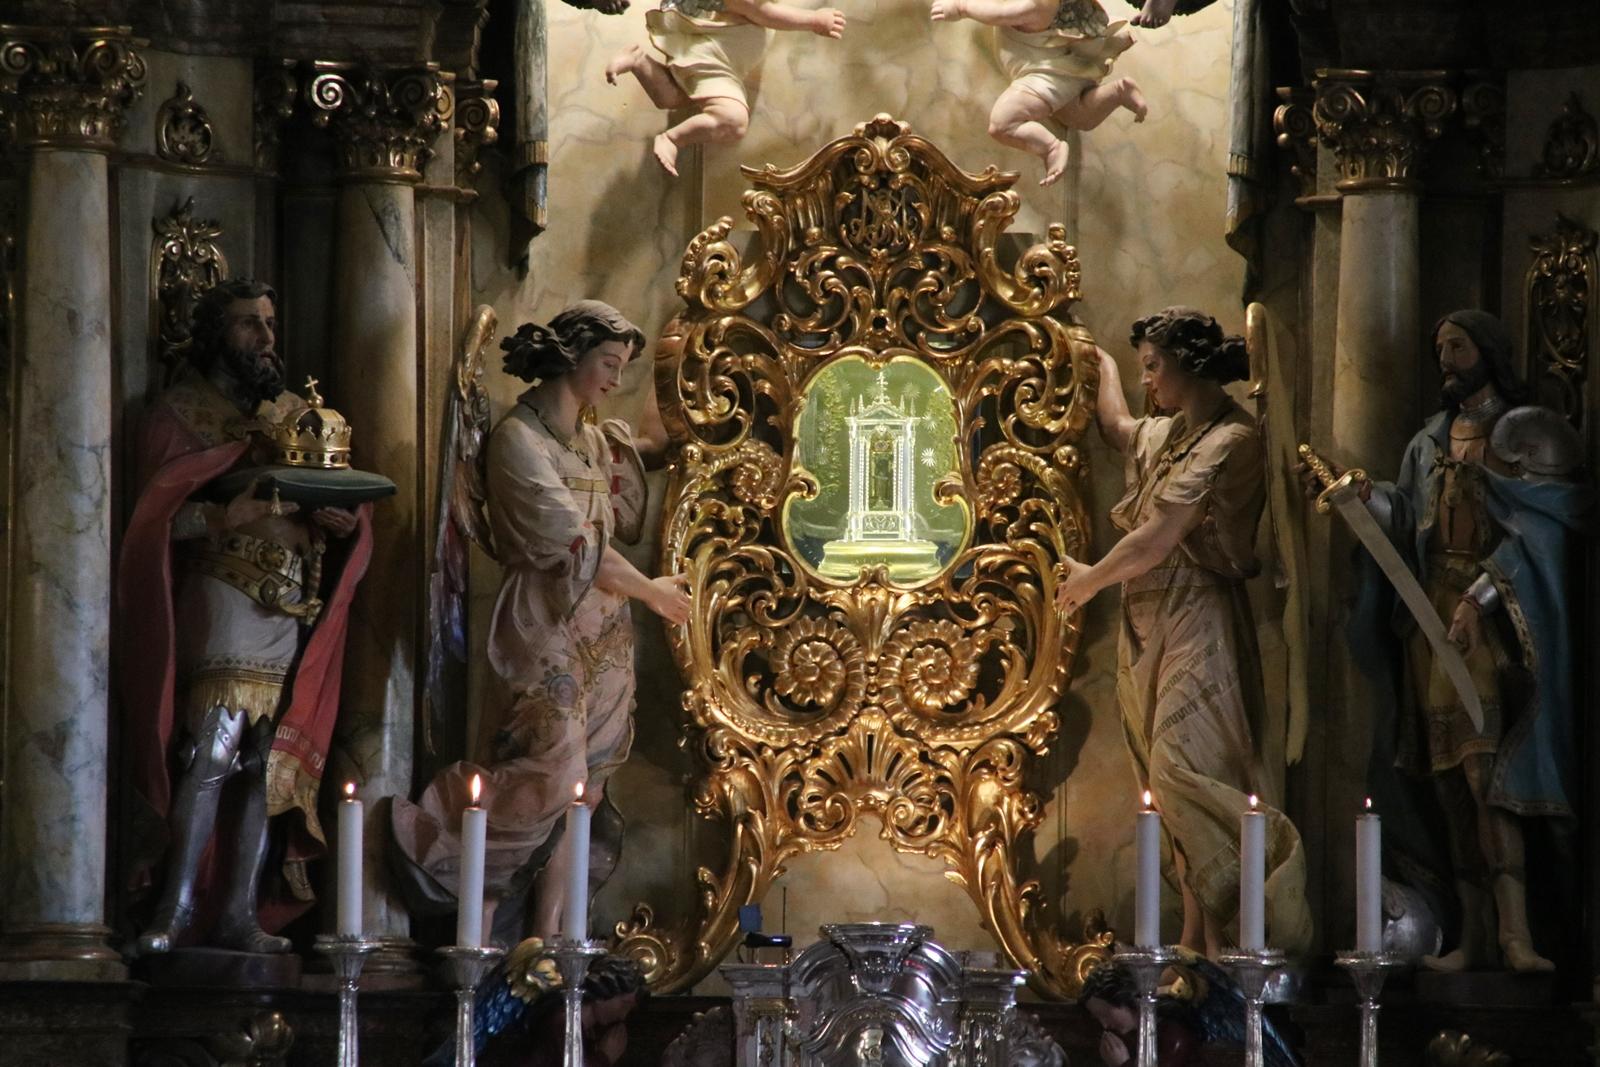 Keresztúttal gyarapodott a tíz éve bazilika rangra emelt kegytemplom